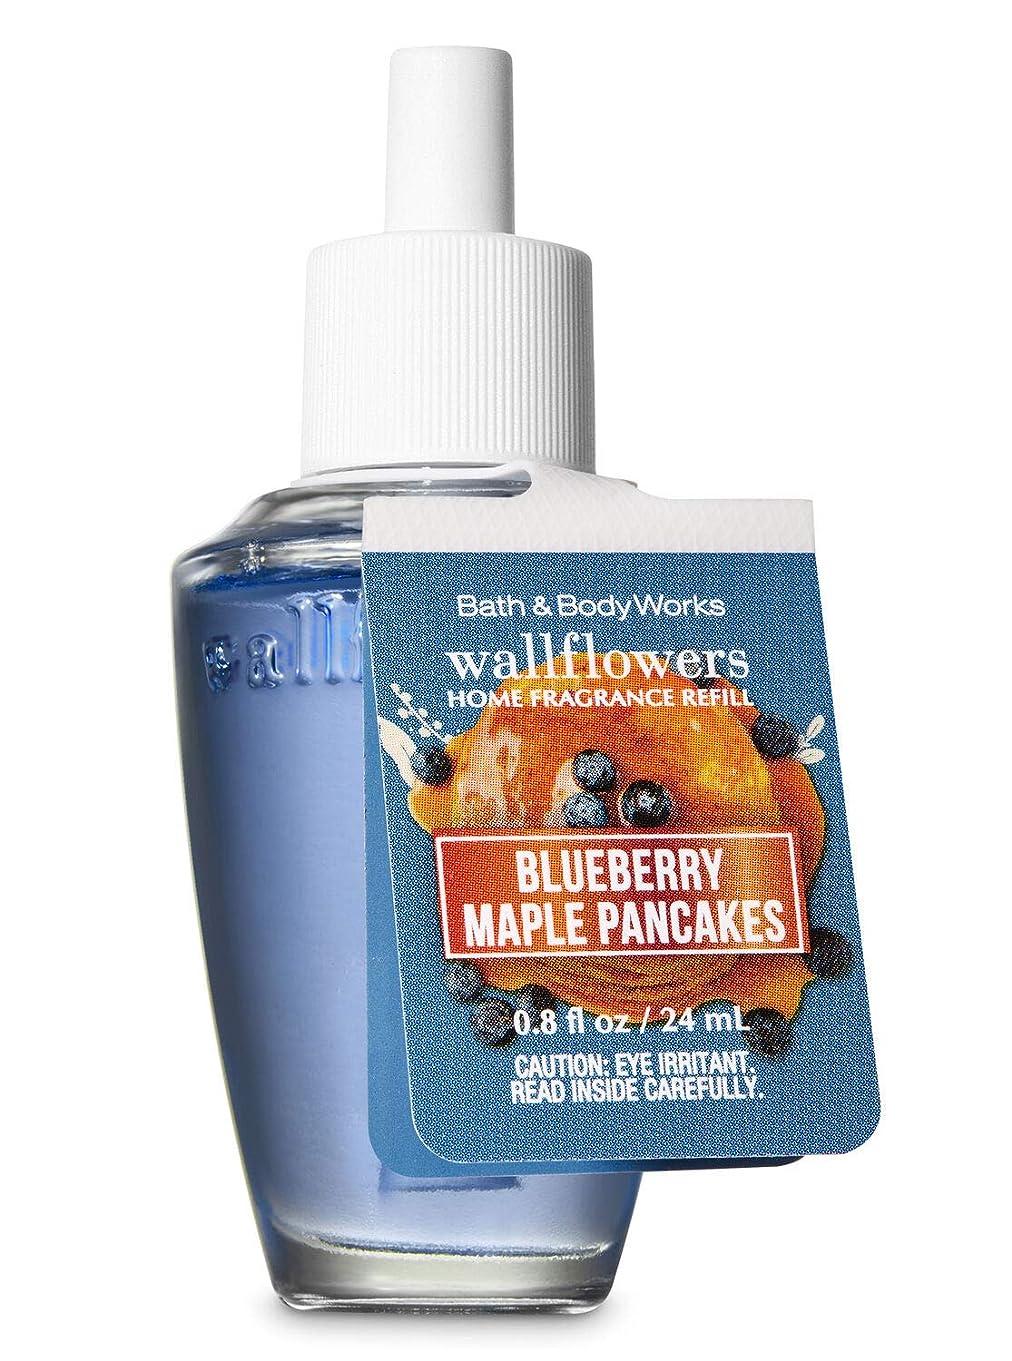 トリッキー安全製油所【Bath&Body Works/バス&ボディワークス】 ルームフレグランス 詰替えリフィル ブルーベリーメープルパンケーキ Wallflowers Home Fragrance Refill Blueberry Maple Pancakes [並行輸入品]